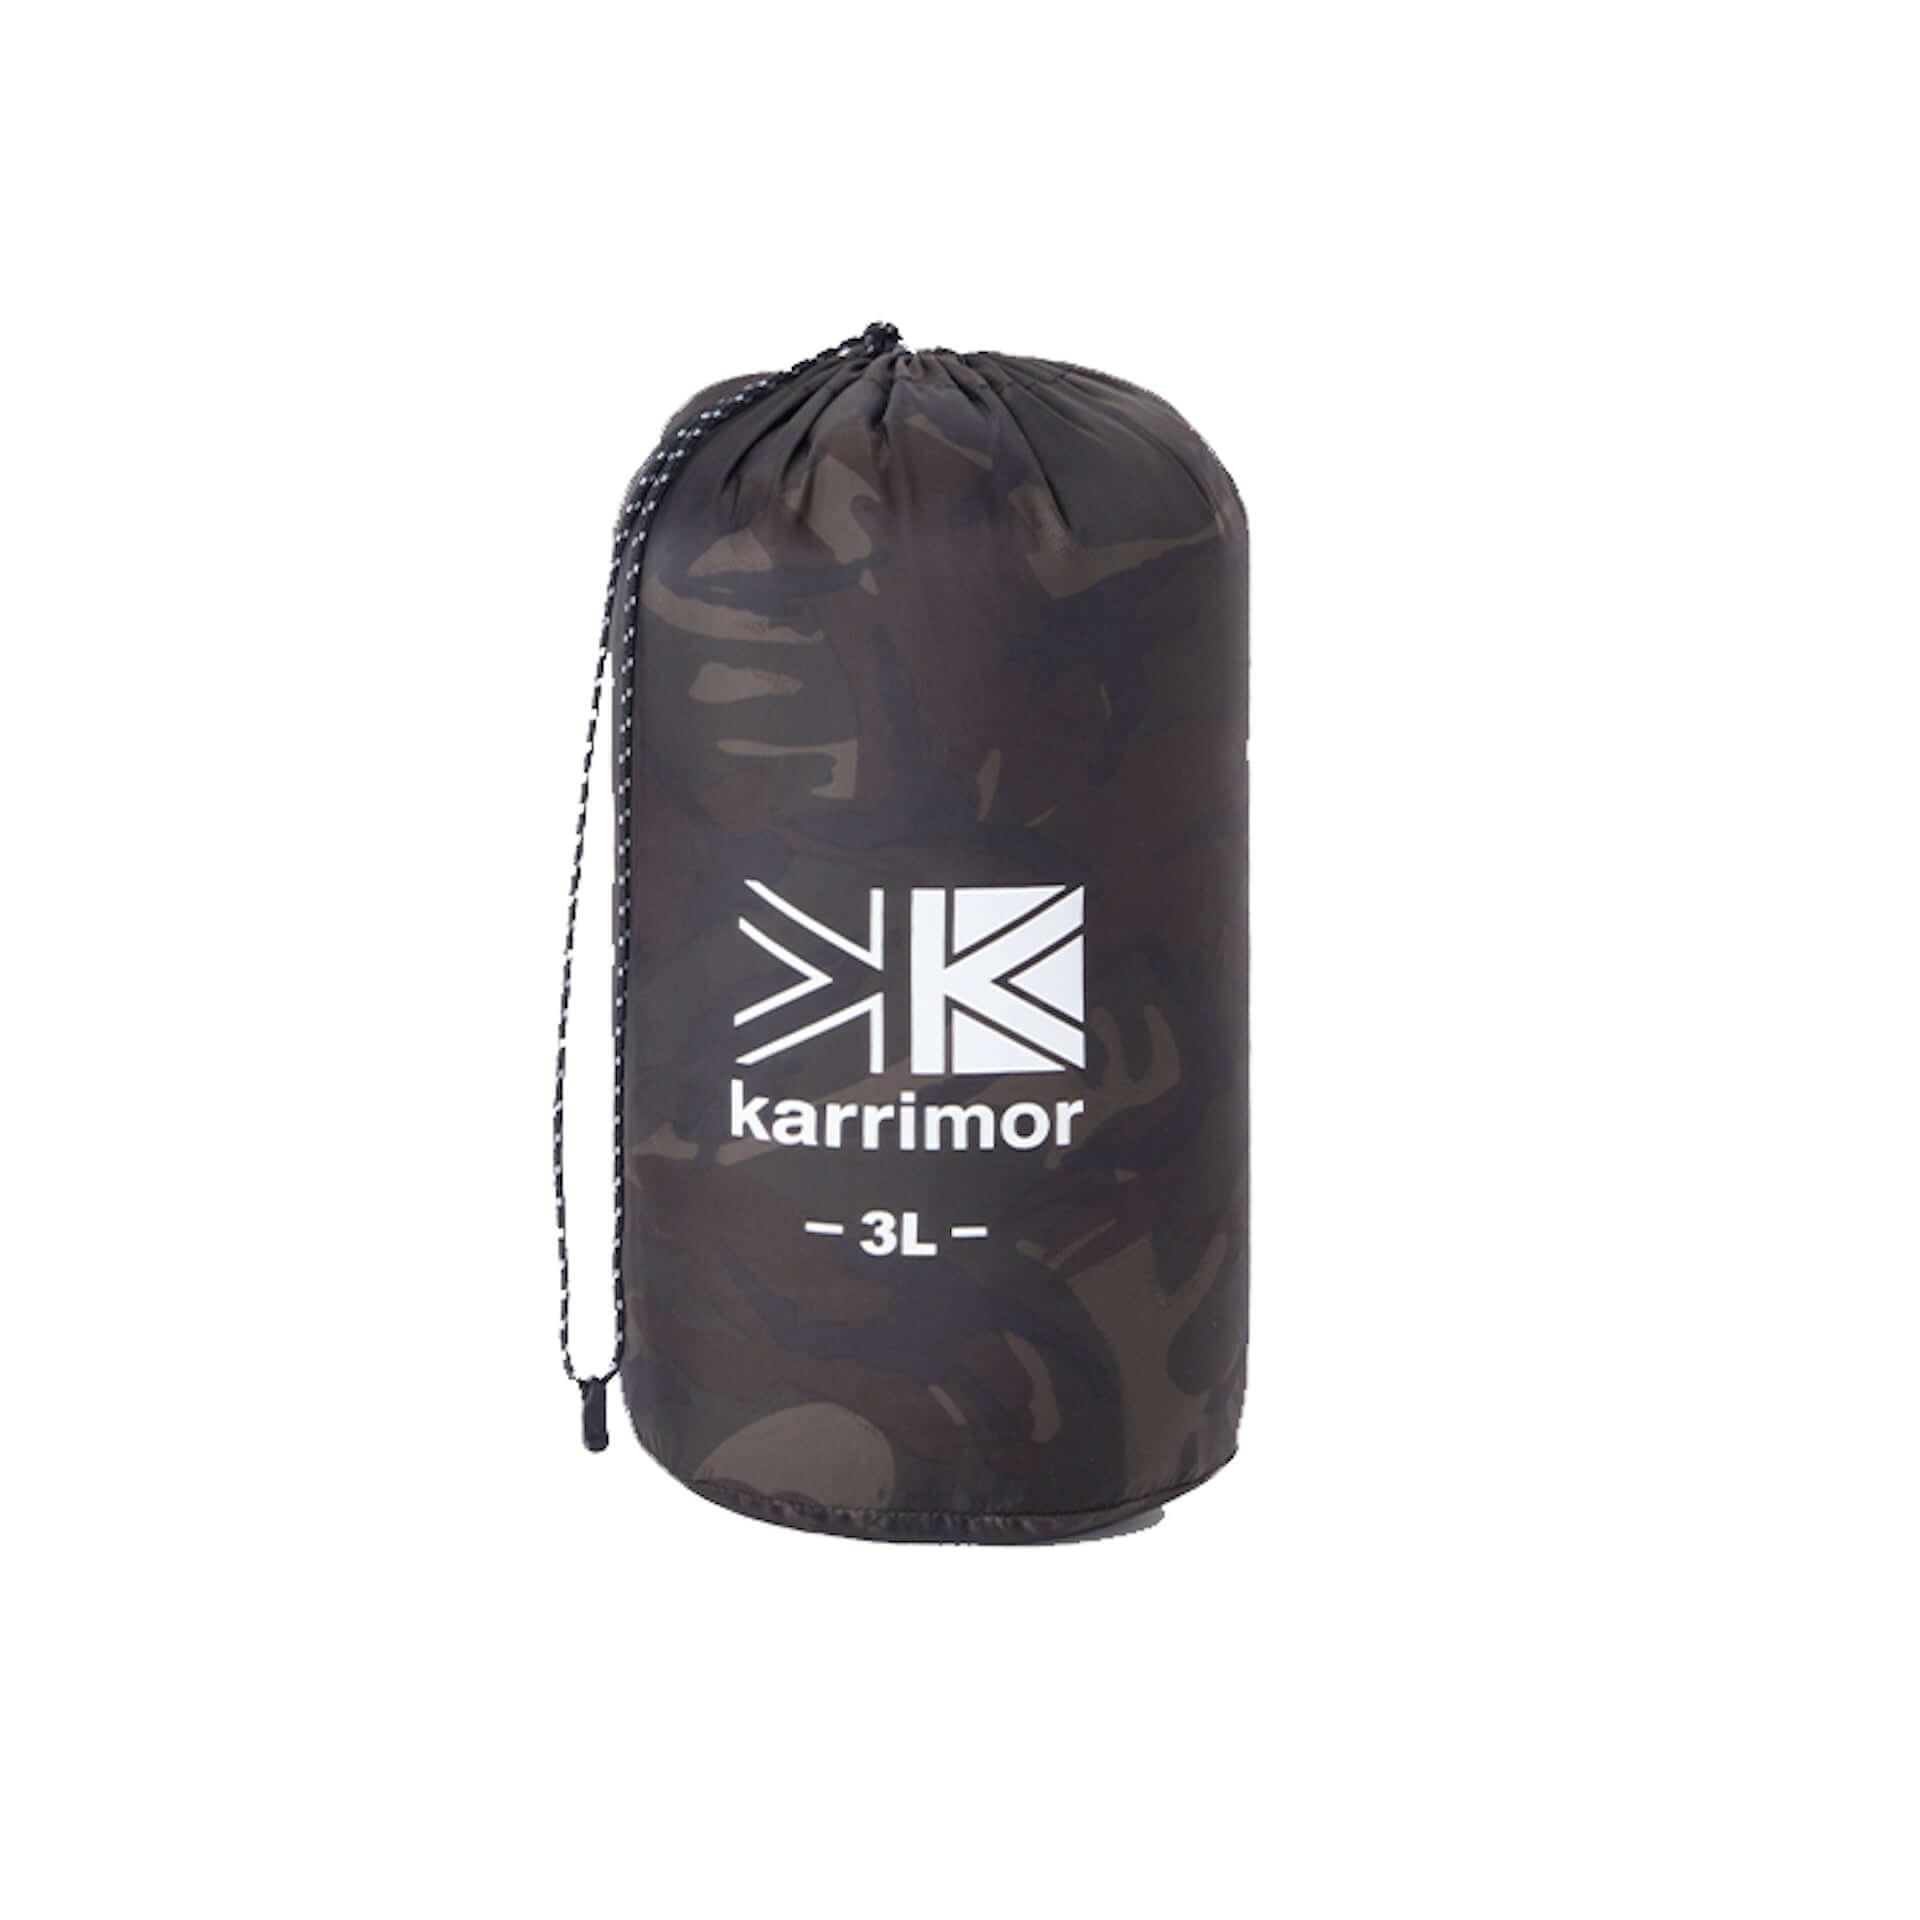 karrimor直営店限定のリバーシブルジャケット、Tシャツ、スタッフバッグが発売!2021年春夏コレクション「ADVENTURE」第1弾 lf210212_karrimor_7-1920x1920